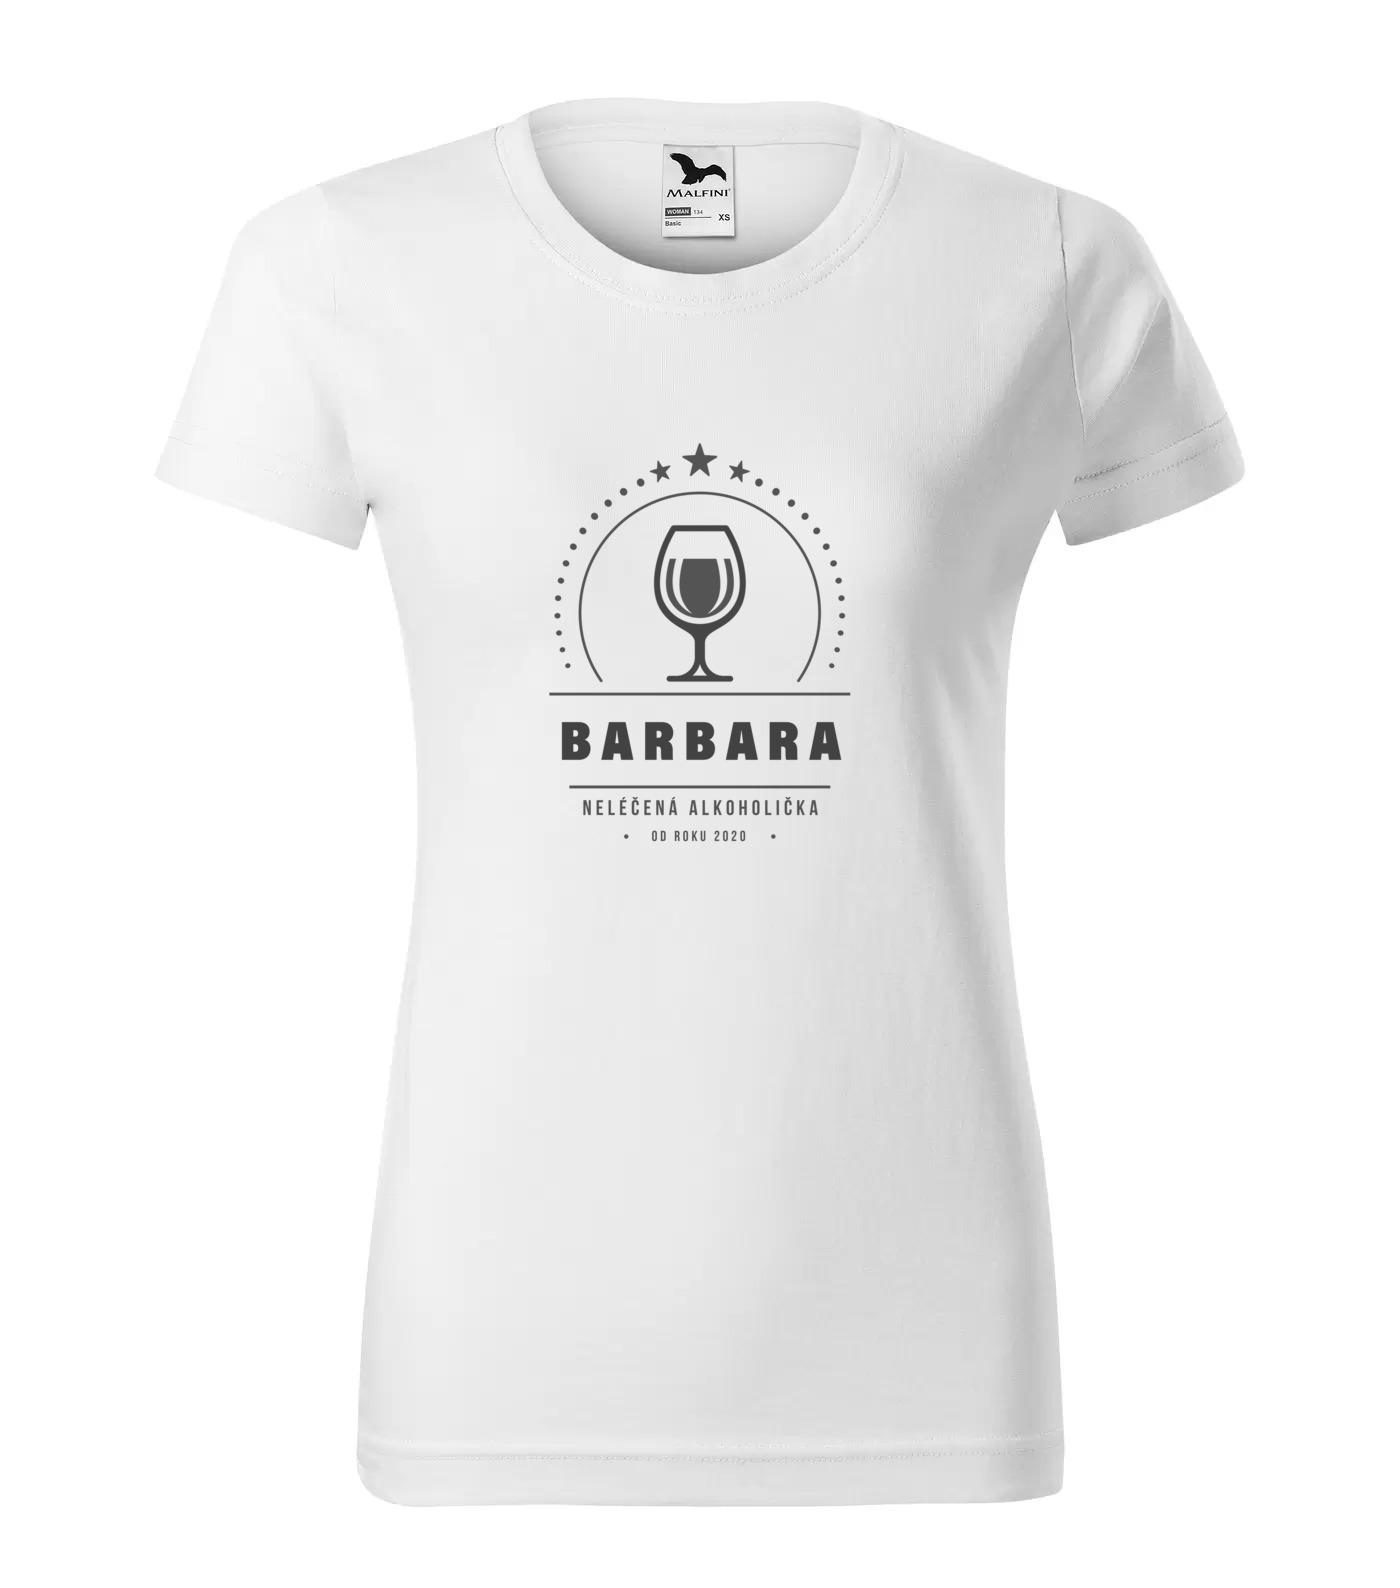 Tričko Alkoholička Barbara